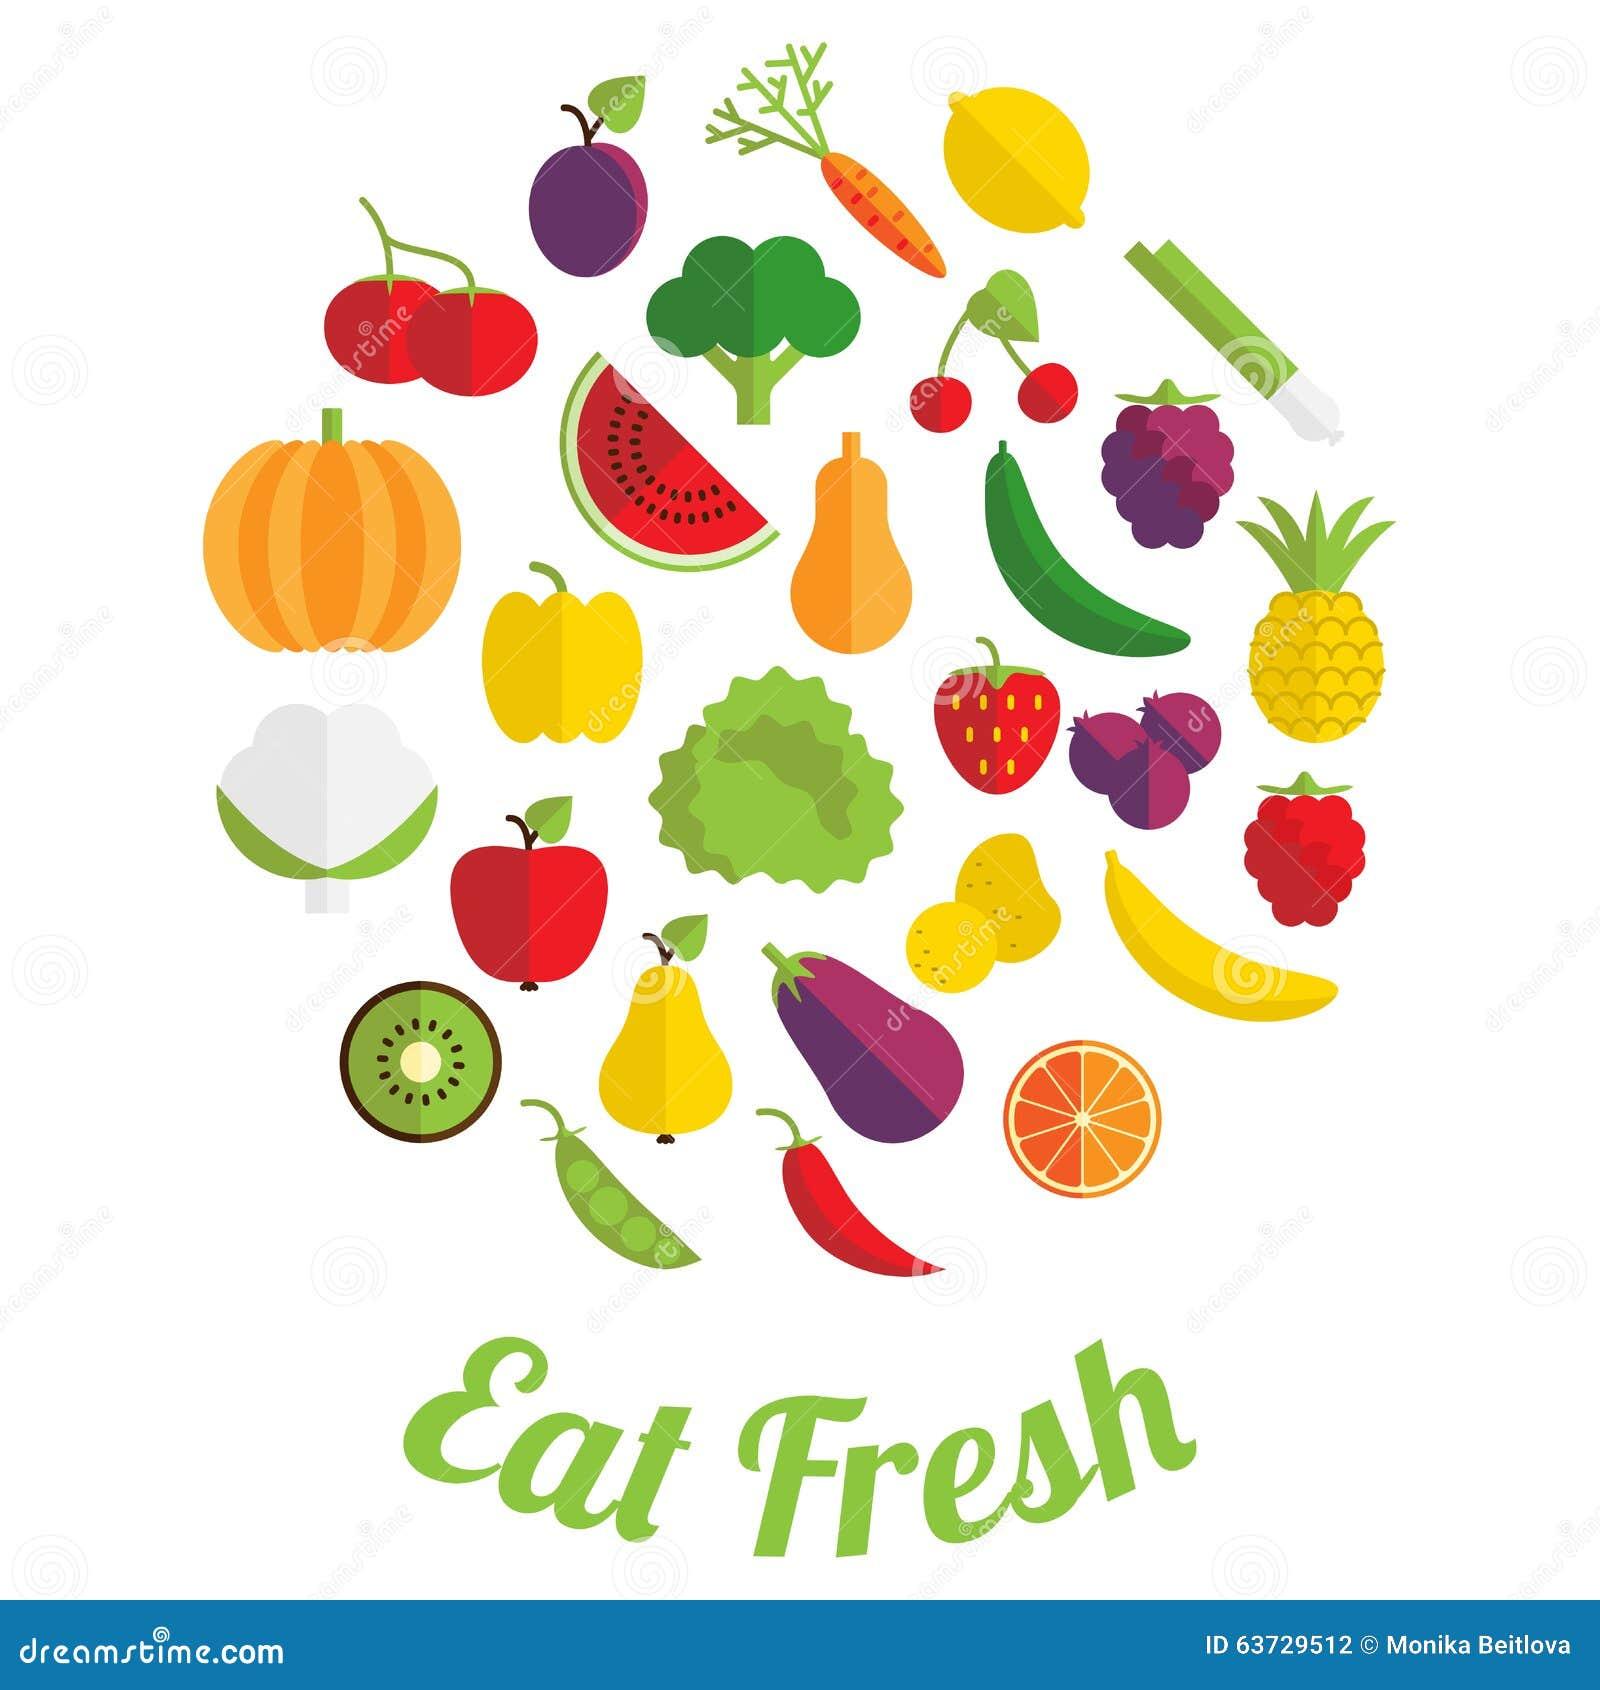 Essen Sie neuen Aufkleber mit Obst und Gemüse